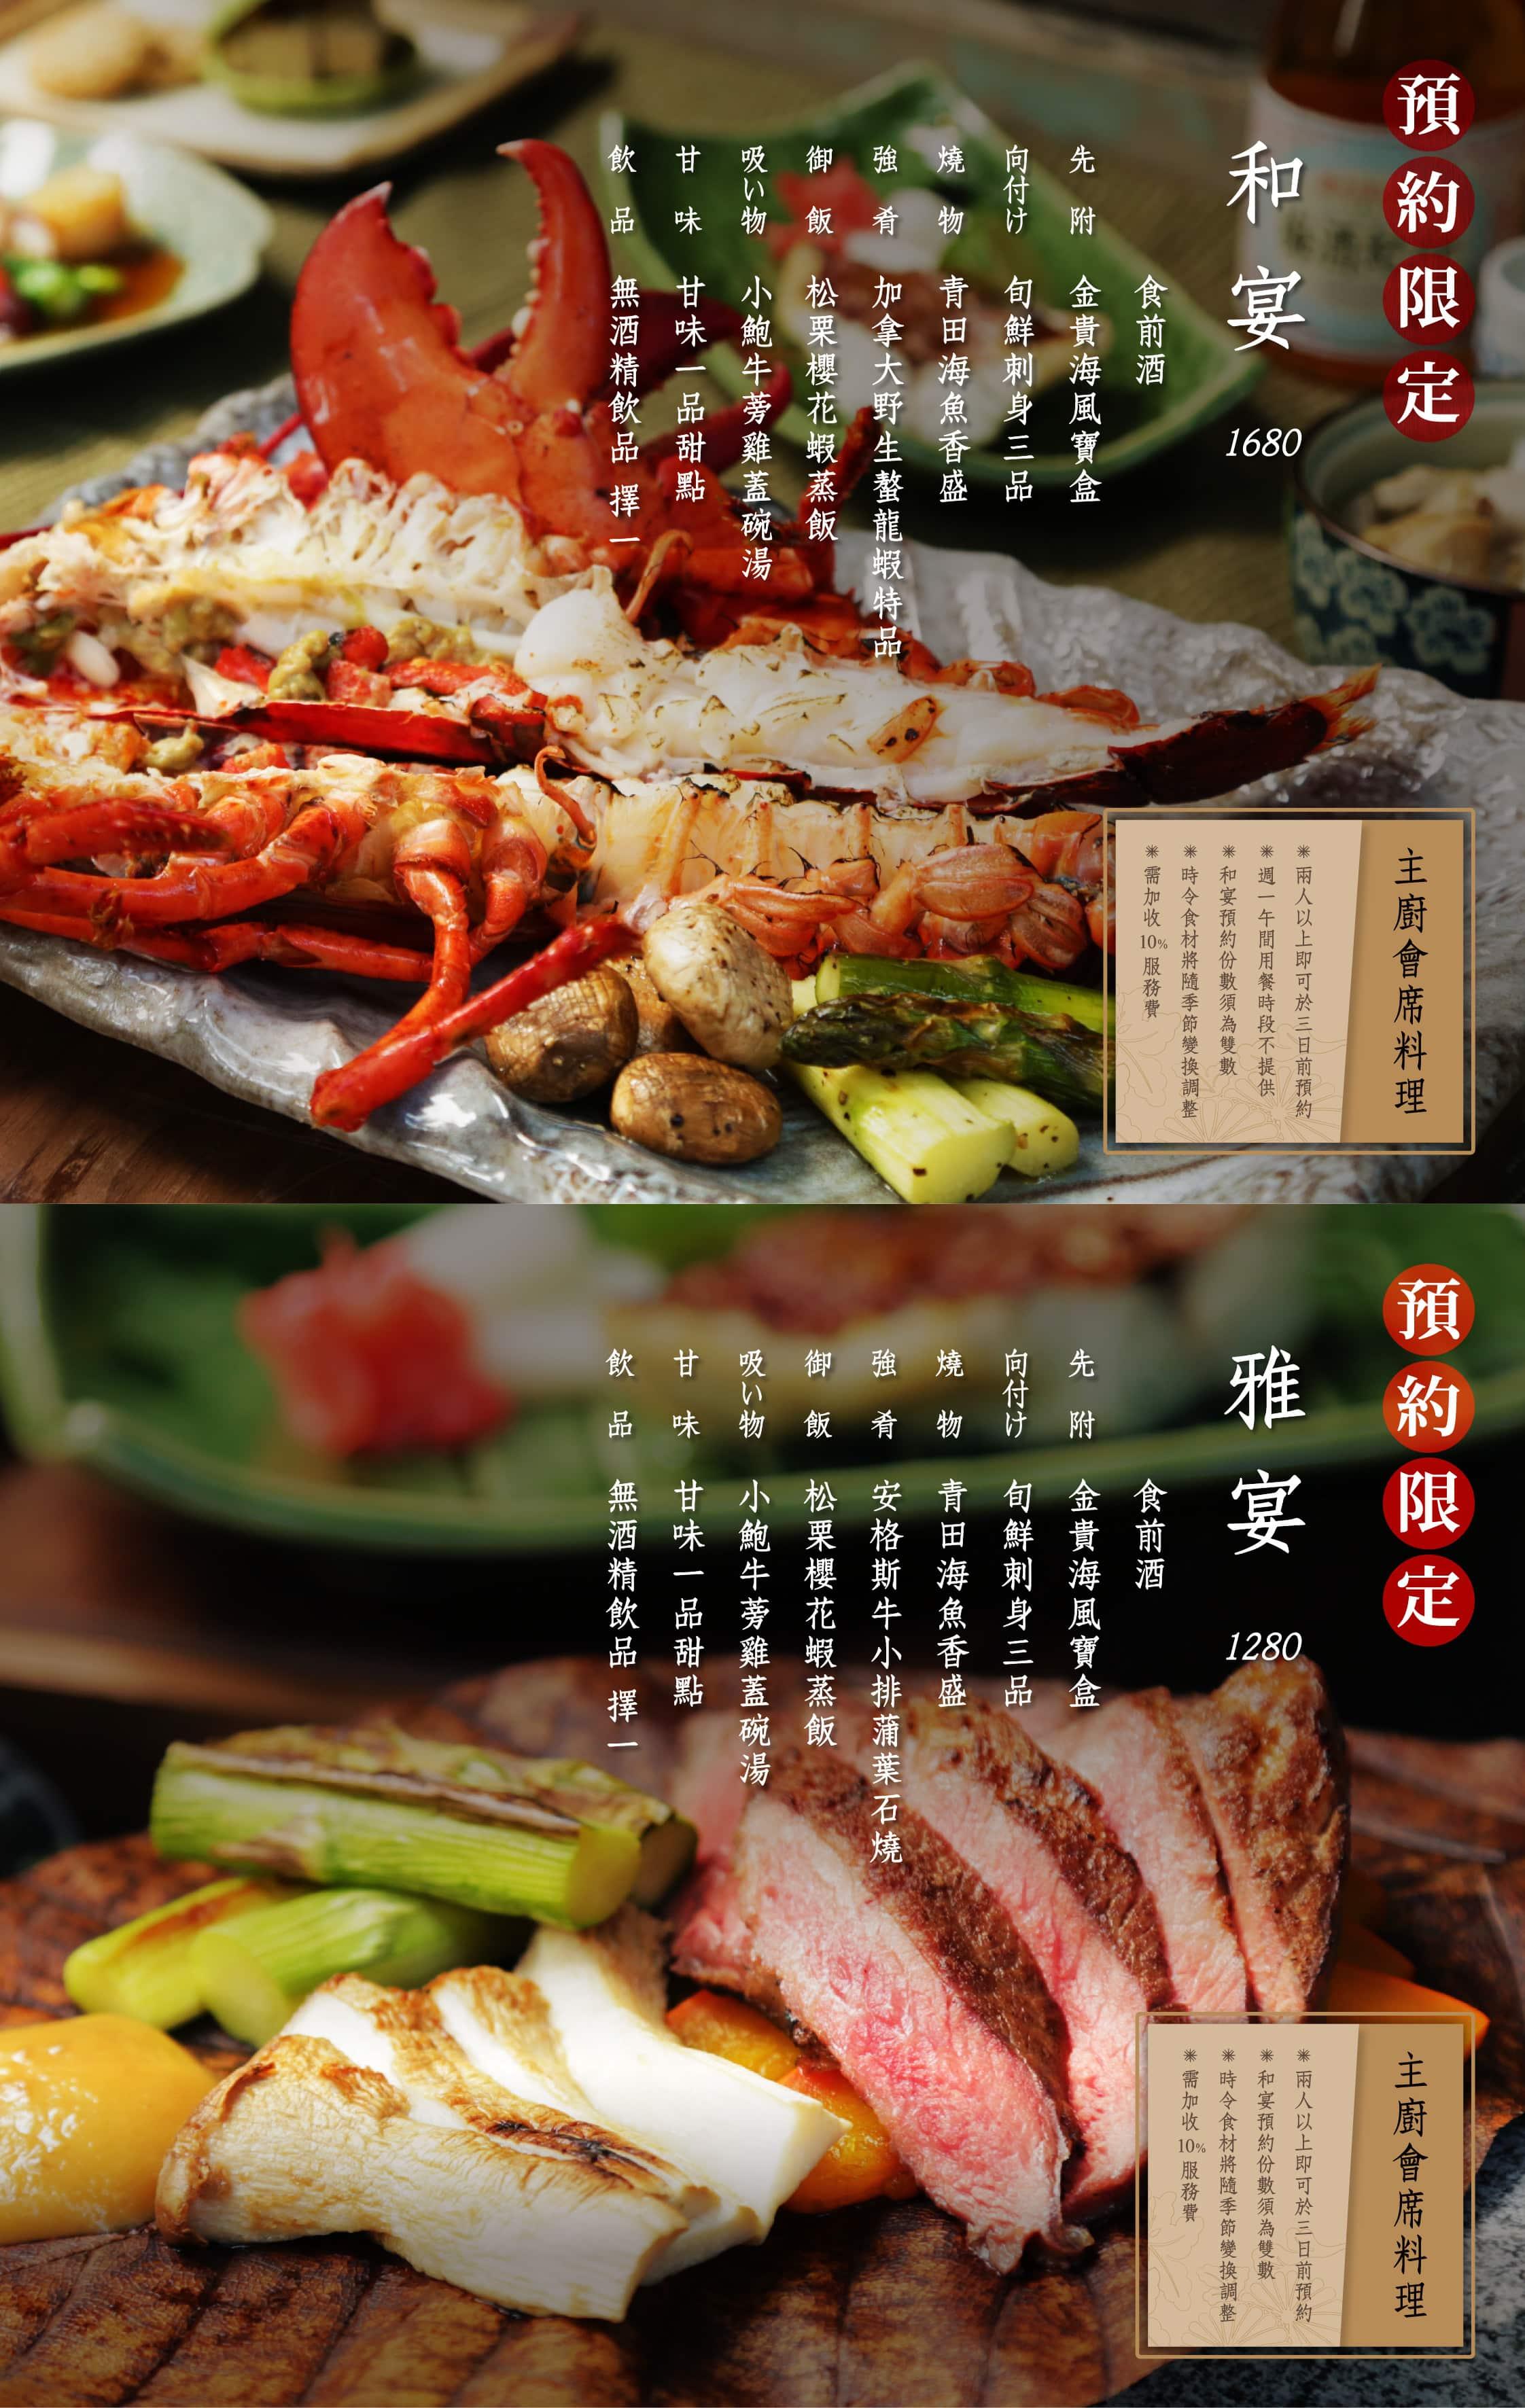 青田七六-菜單-預約會席料理-202101